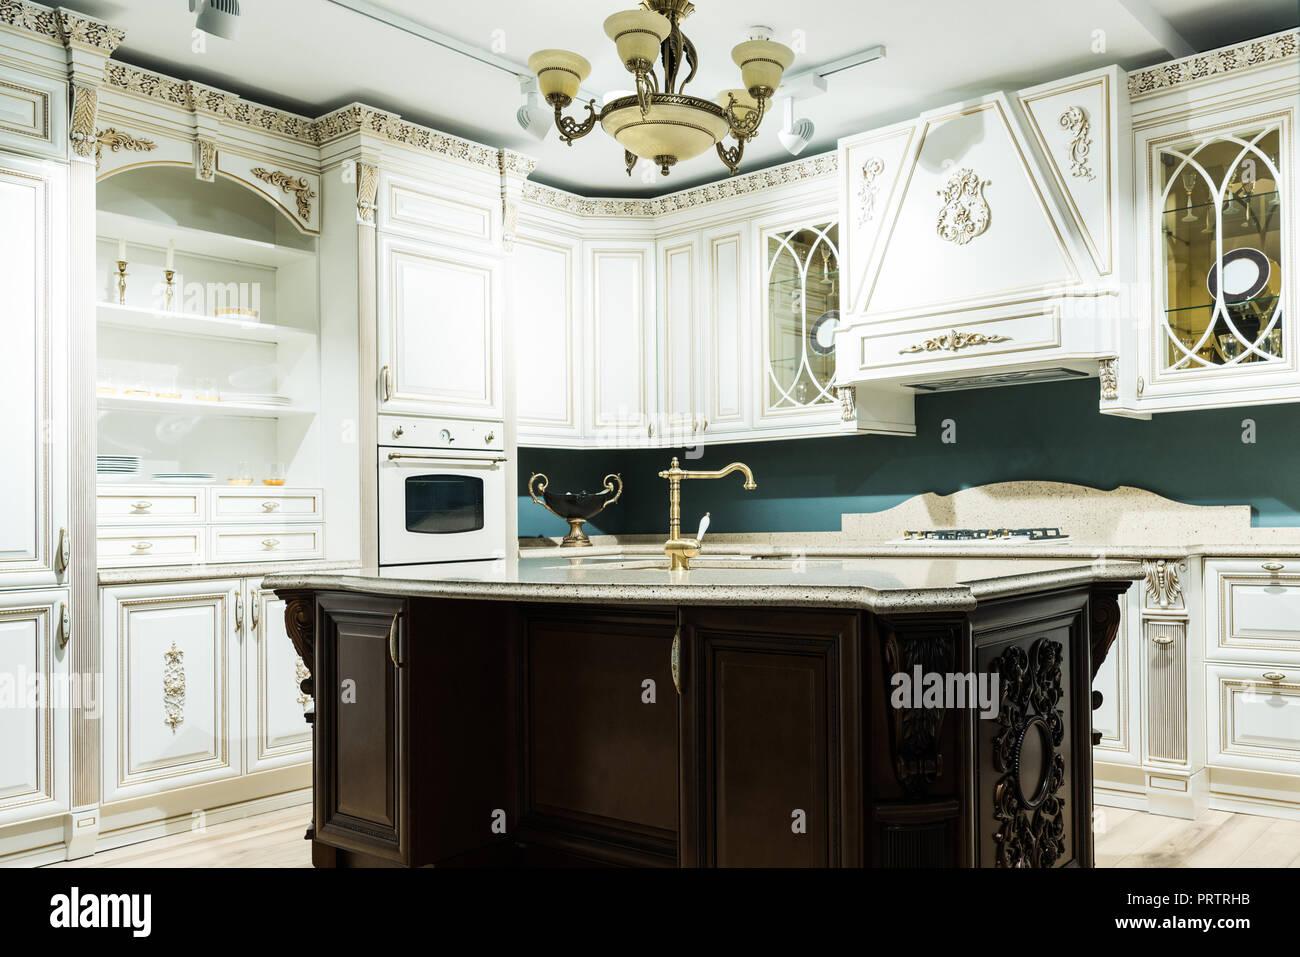 Interno della cucina moderna con comodi arredi in legno in stile ...